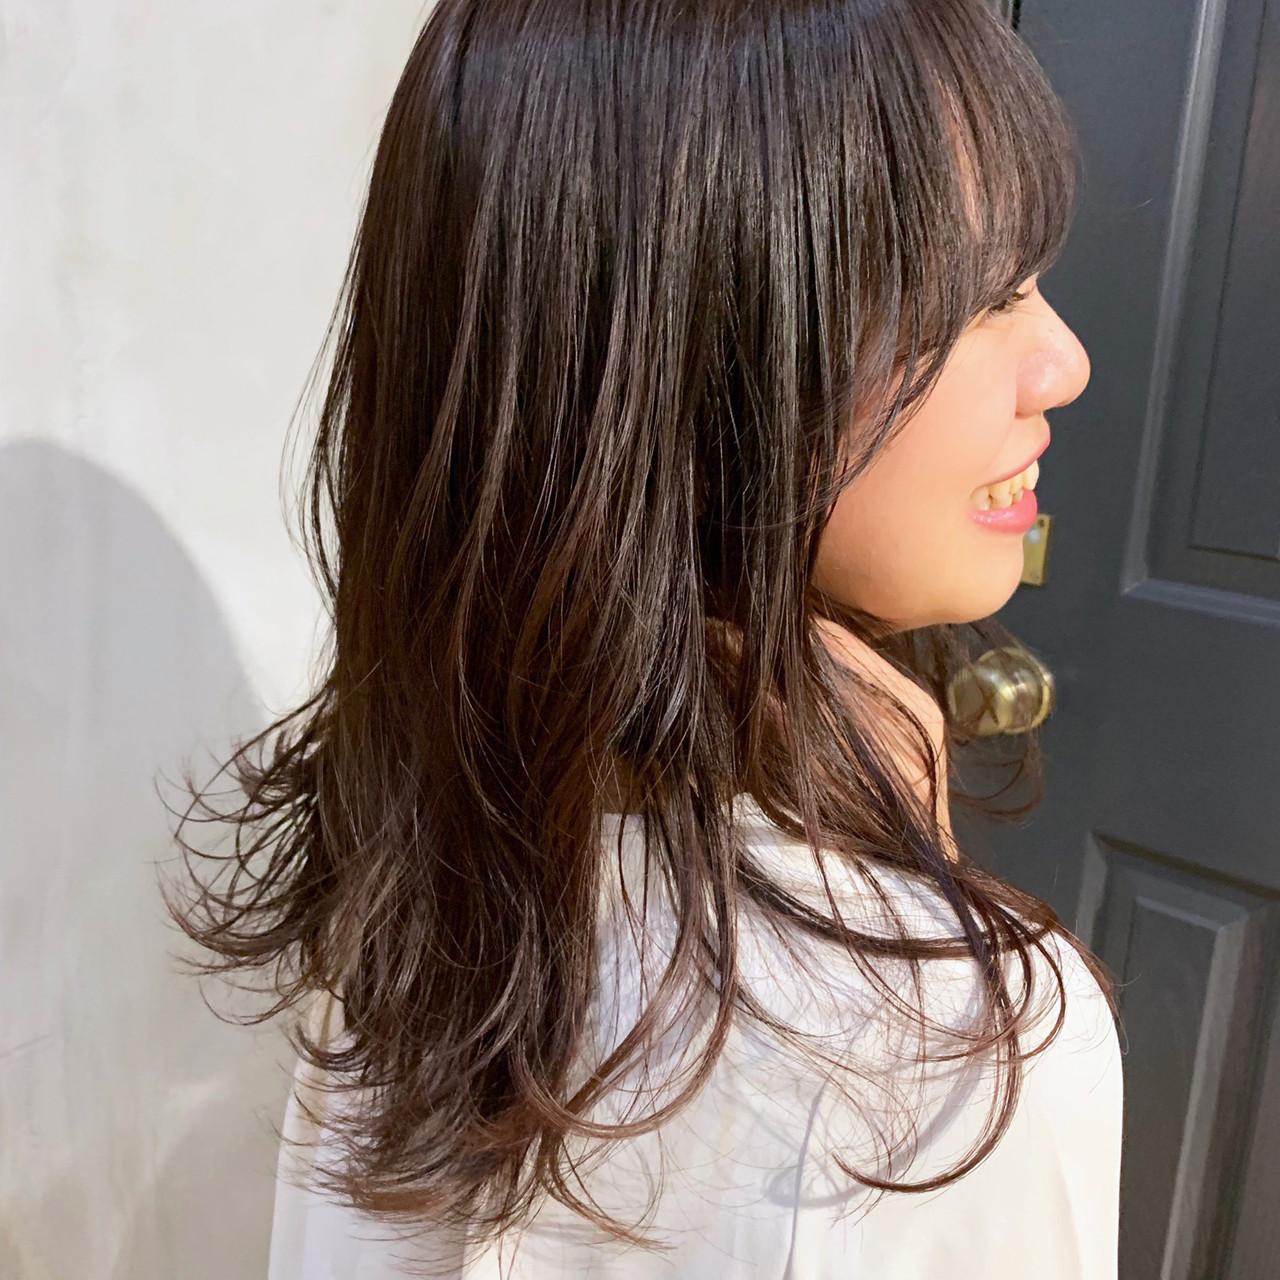 オフィス セミロング 大人かわいい 大人ヘアスタイル ヘアスタイルや髪型の写真・画像